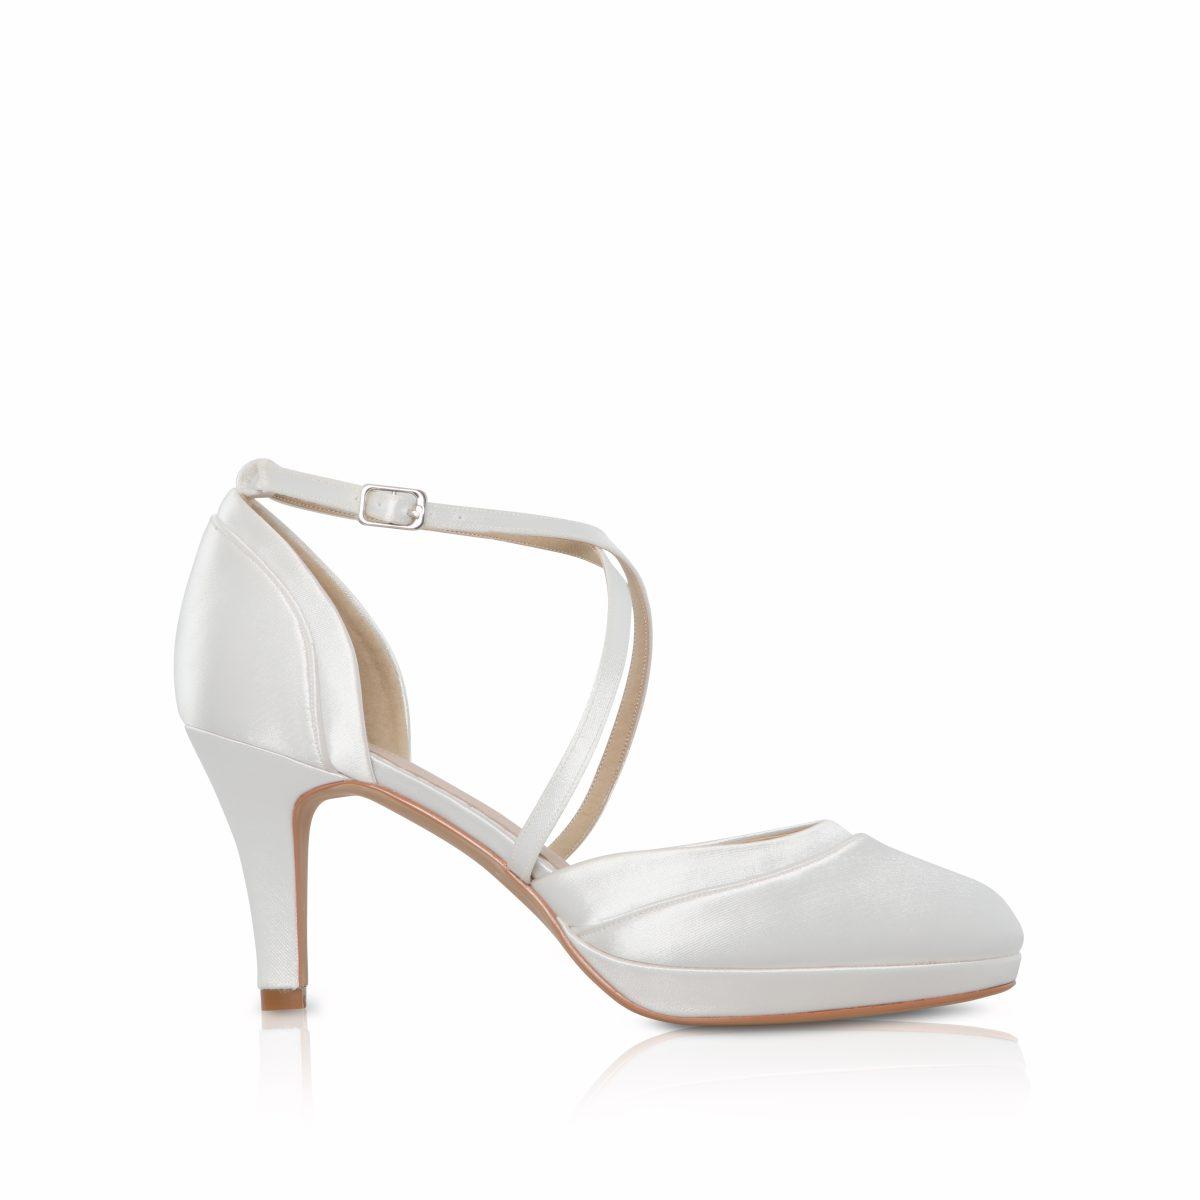 Perfect Bridal Isobel Shoes - Ivory Satin 1